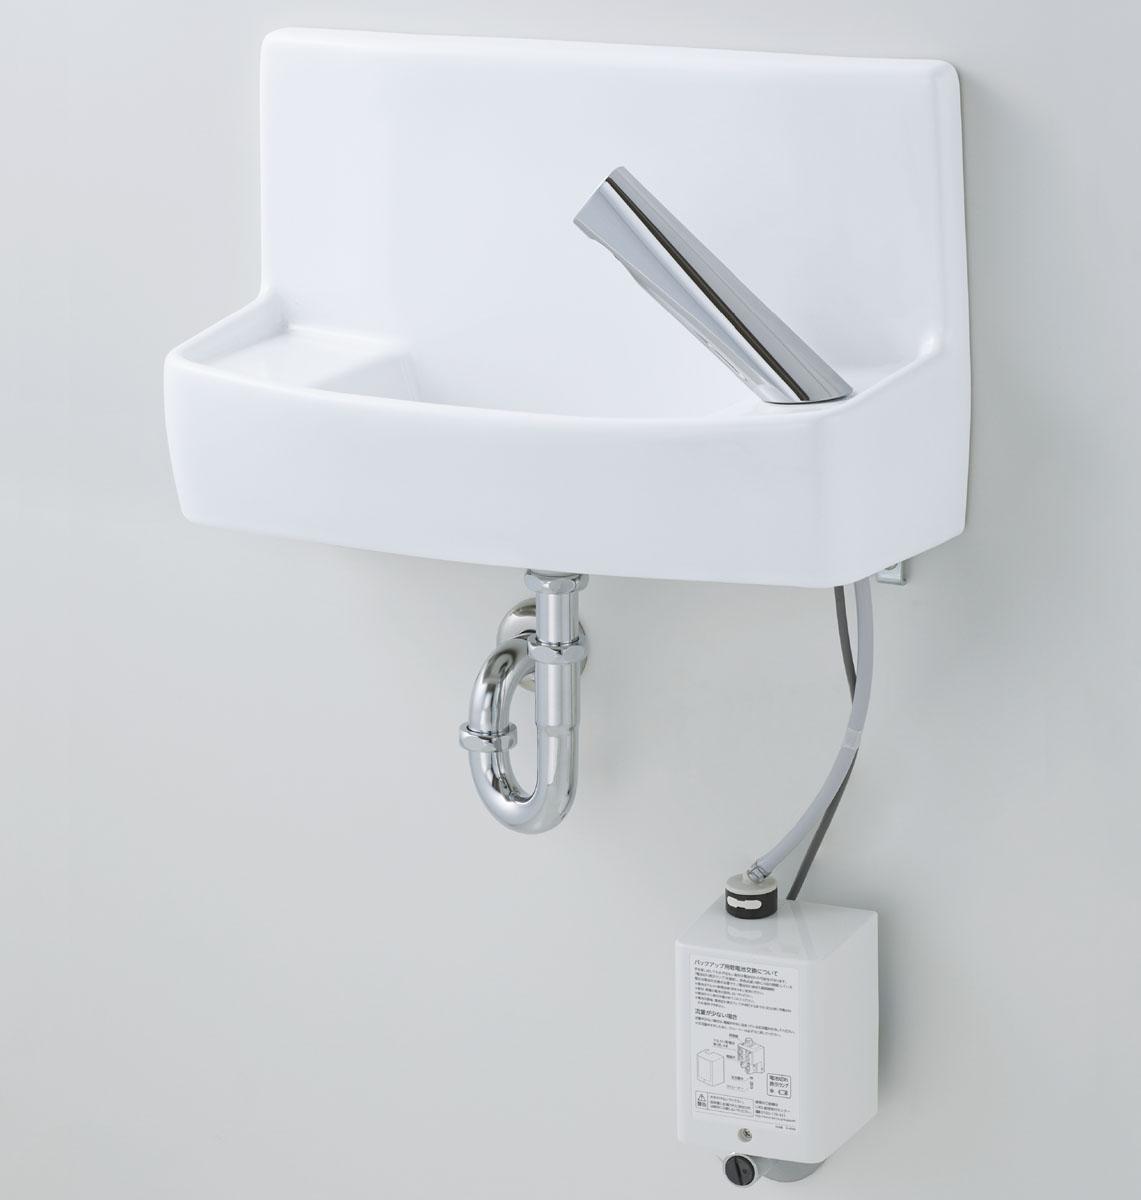 LIXIL INAX 正規認証品!新規格 壁付手洗器 特売 自動水栓 アクエナジー L-A74TMA L-A74TMB L-A74TMD L-A74TMC